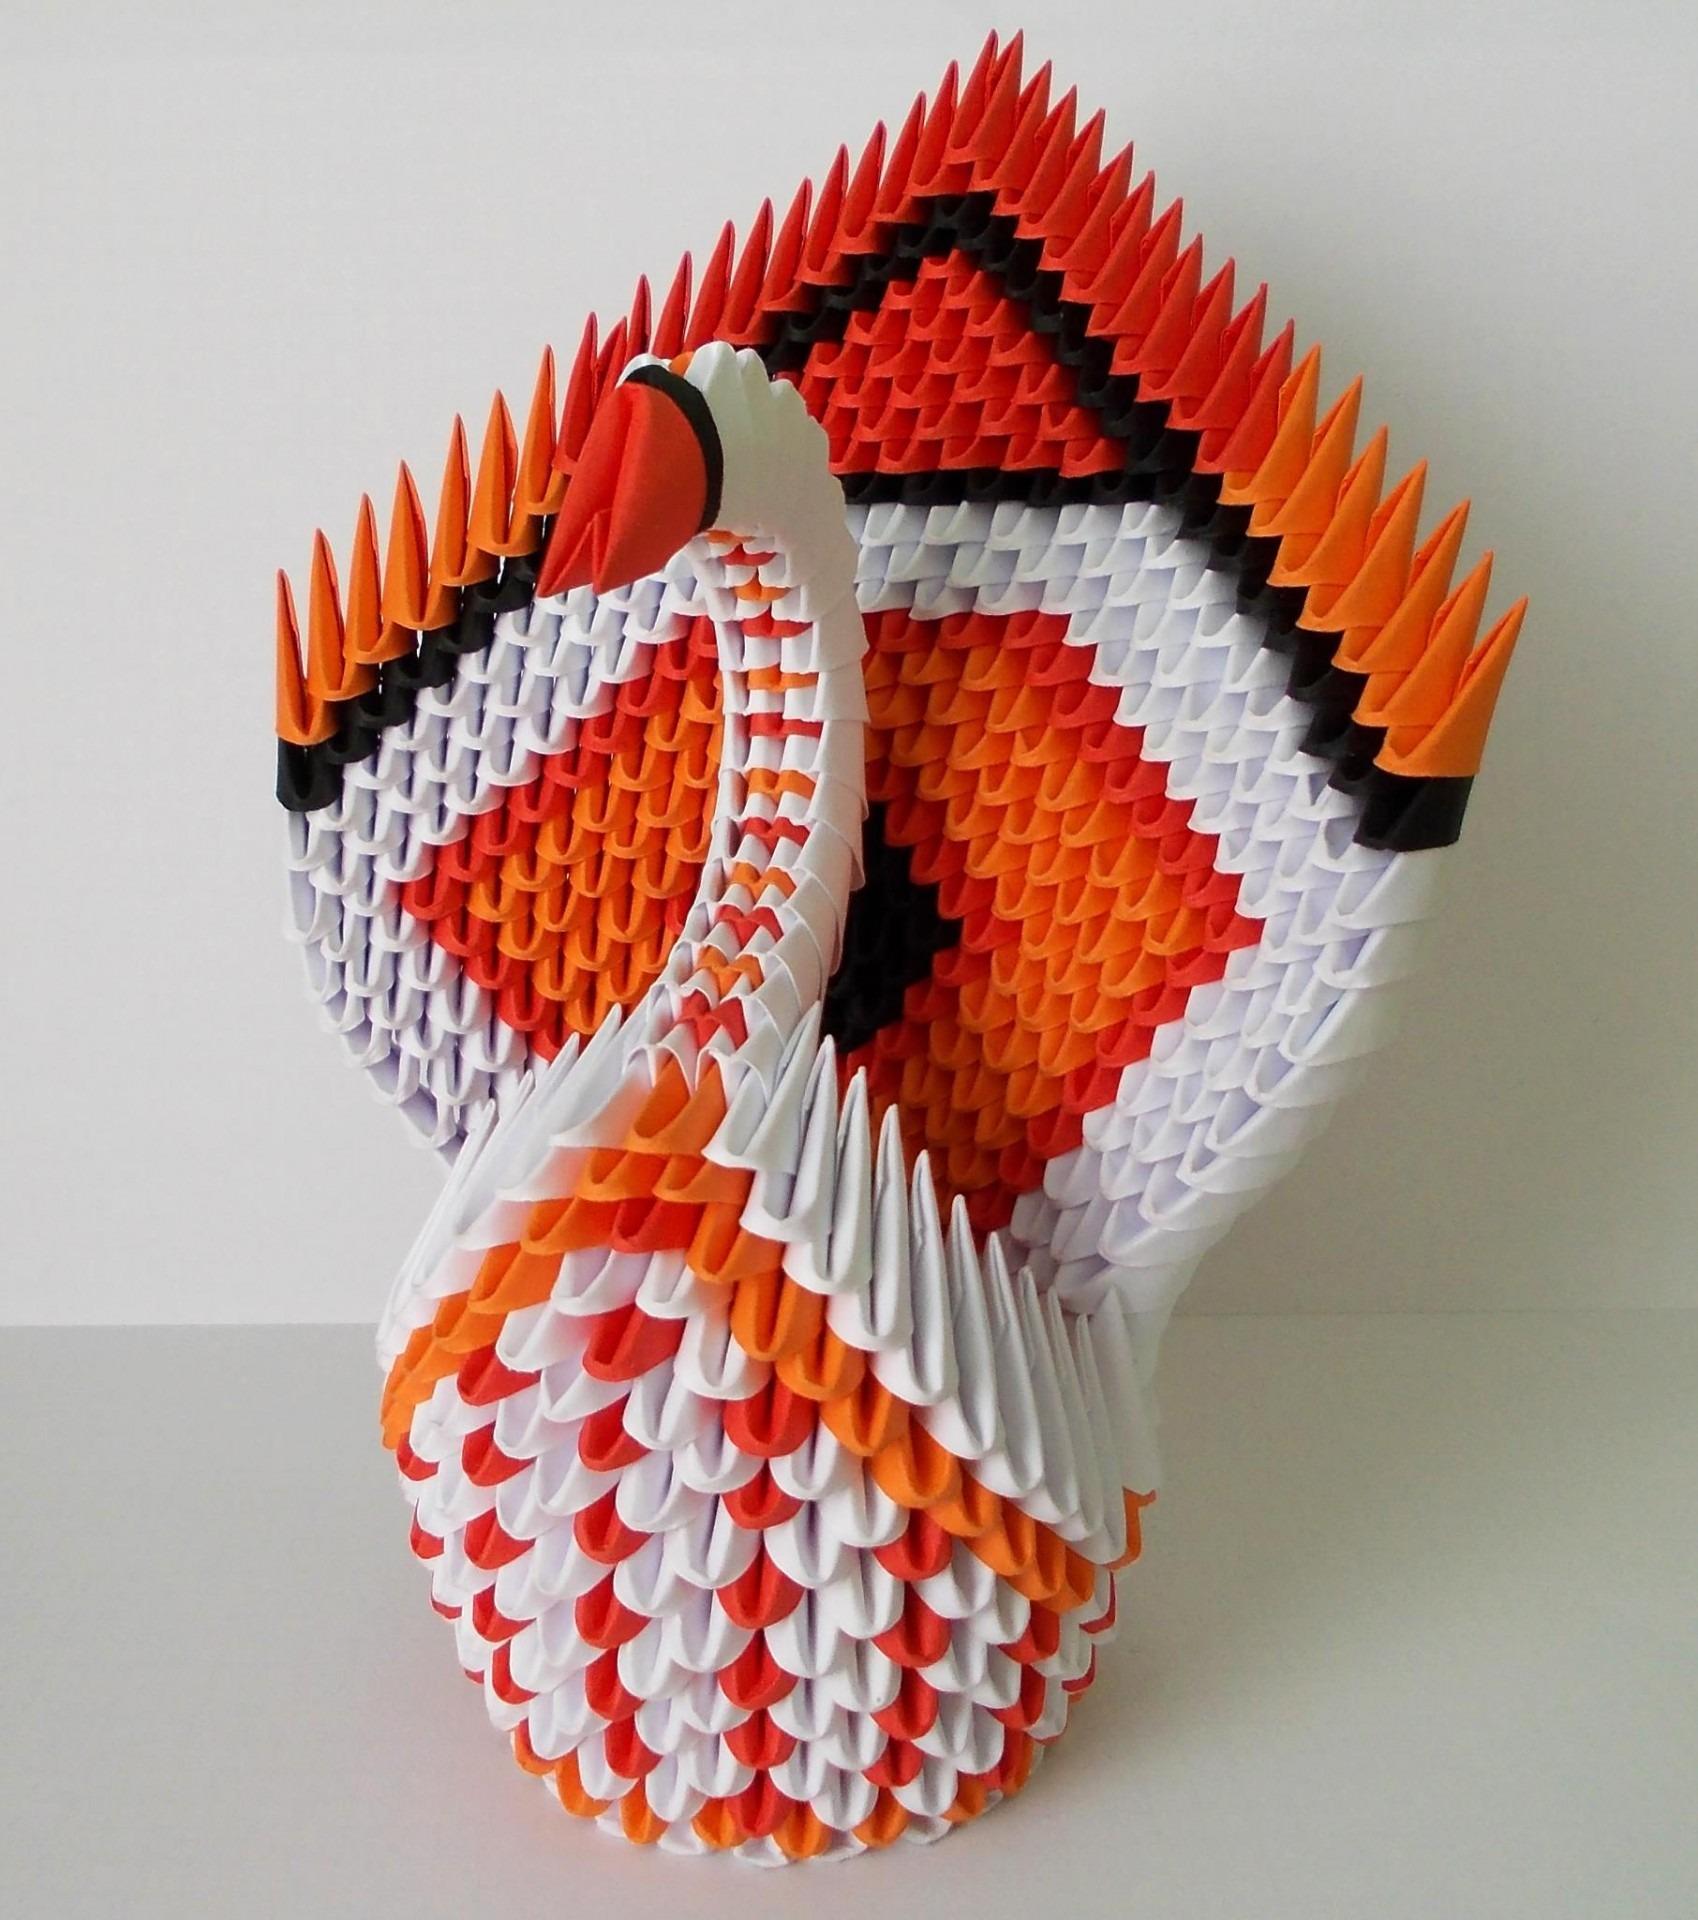 Images Gratuites Modèle Papier Crochet Cygne Art Arts